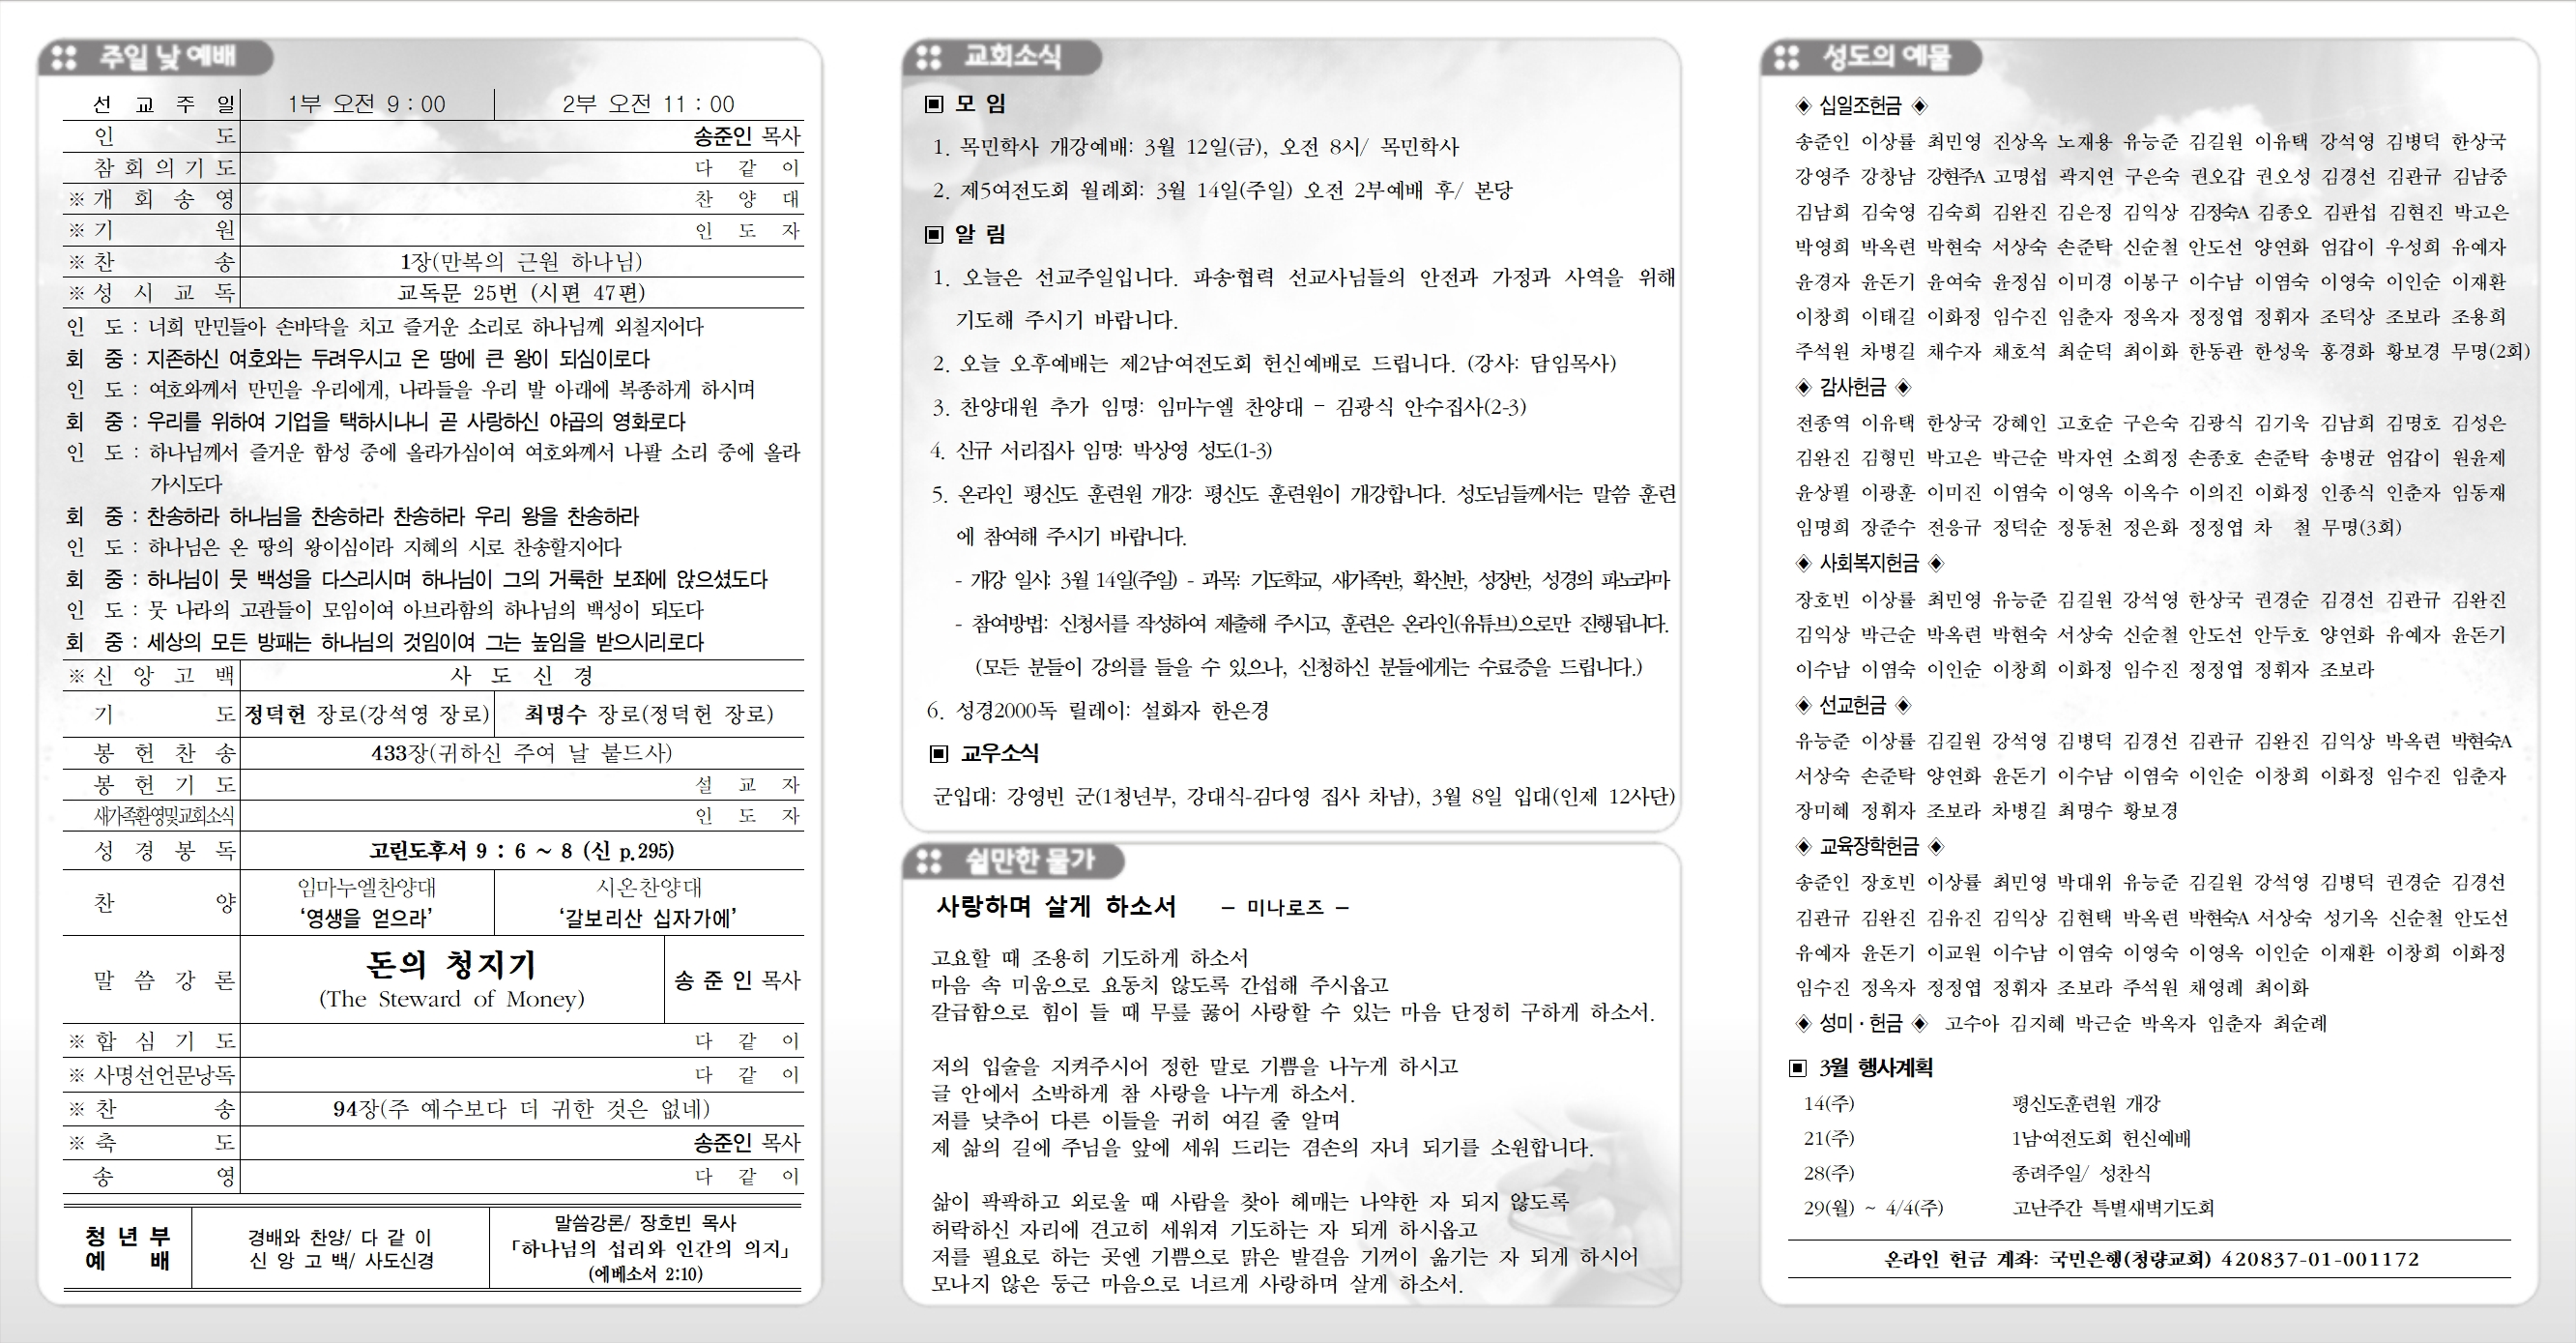 20210307청량주보(광고면) - 2남헌신001.jpg